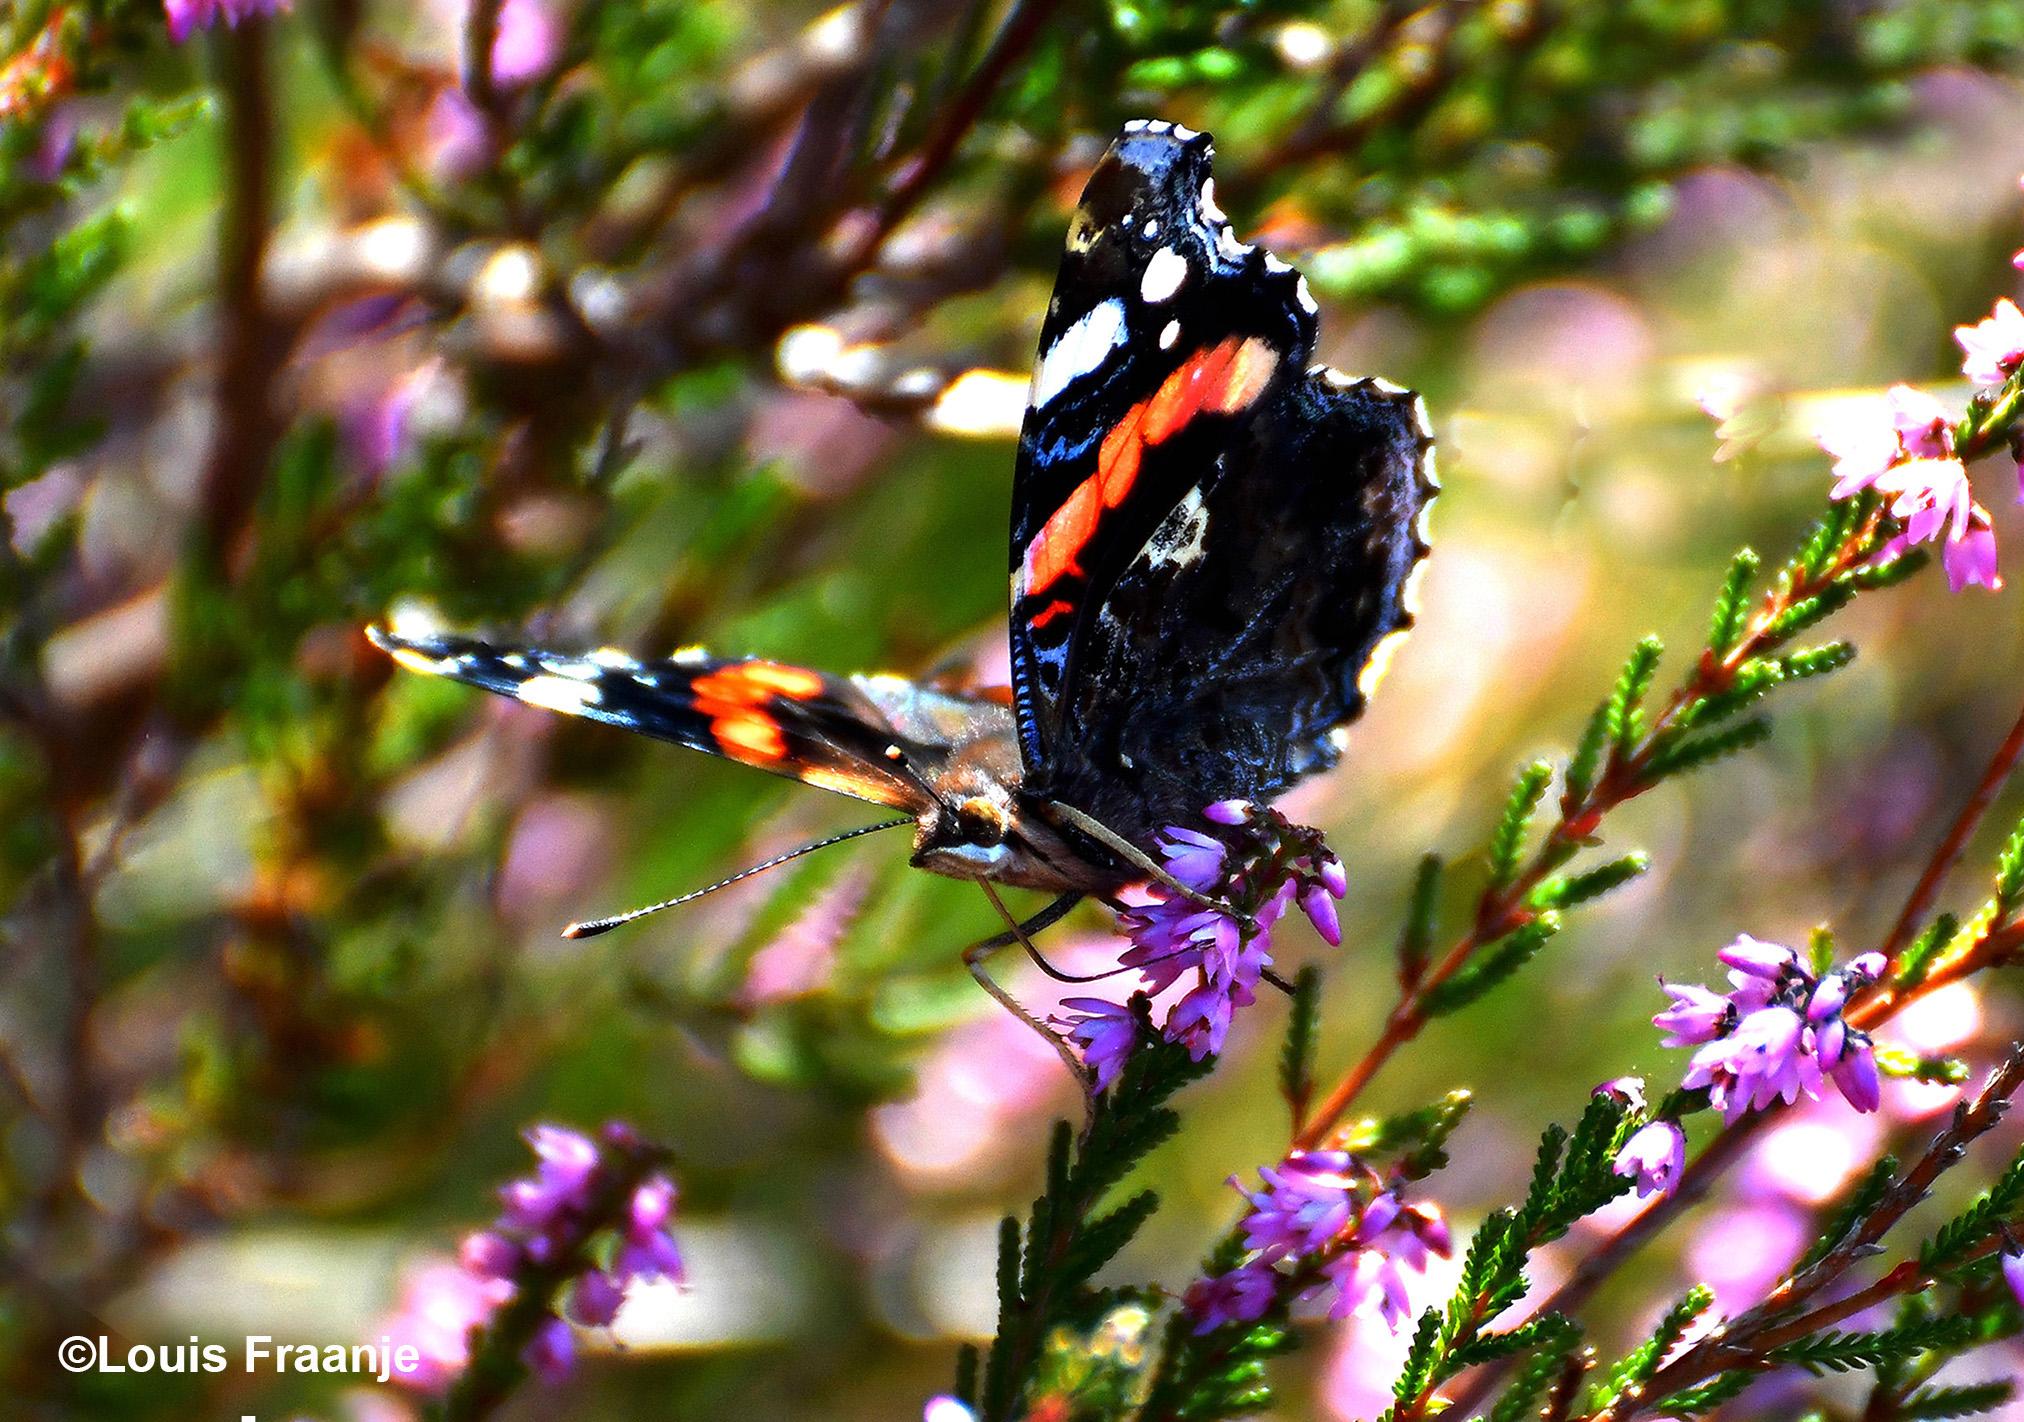 Op deze afbeelding kun je heel duidelijk zien, hoe de vlinder met haar slurfje de nectar opzuigt uit het heidebloempje - Foto: ©Louis Fraanje